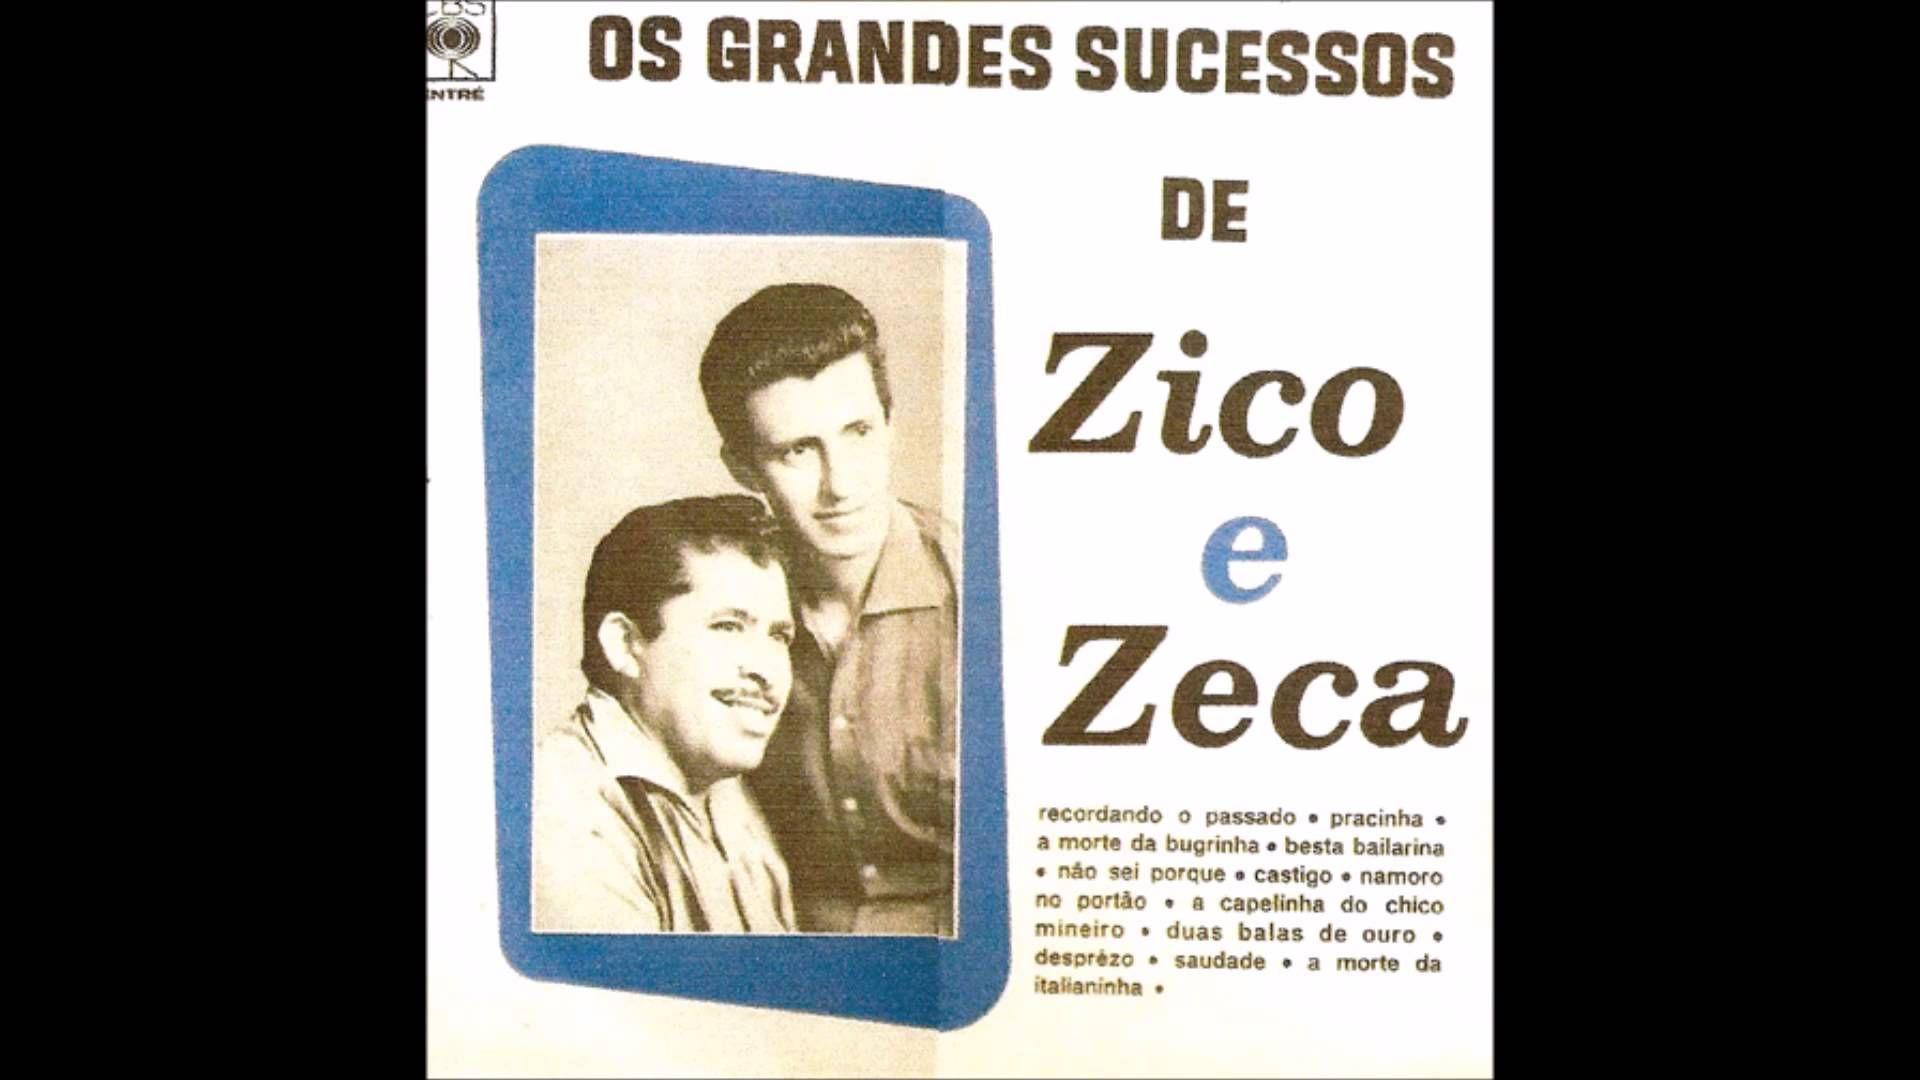 Zico Zeca 1958 Grandes Sucessos Com Imagens Zico Chico Mineiro